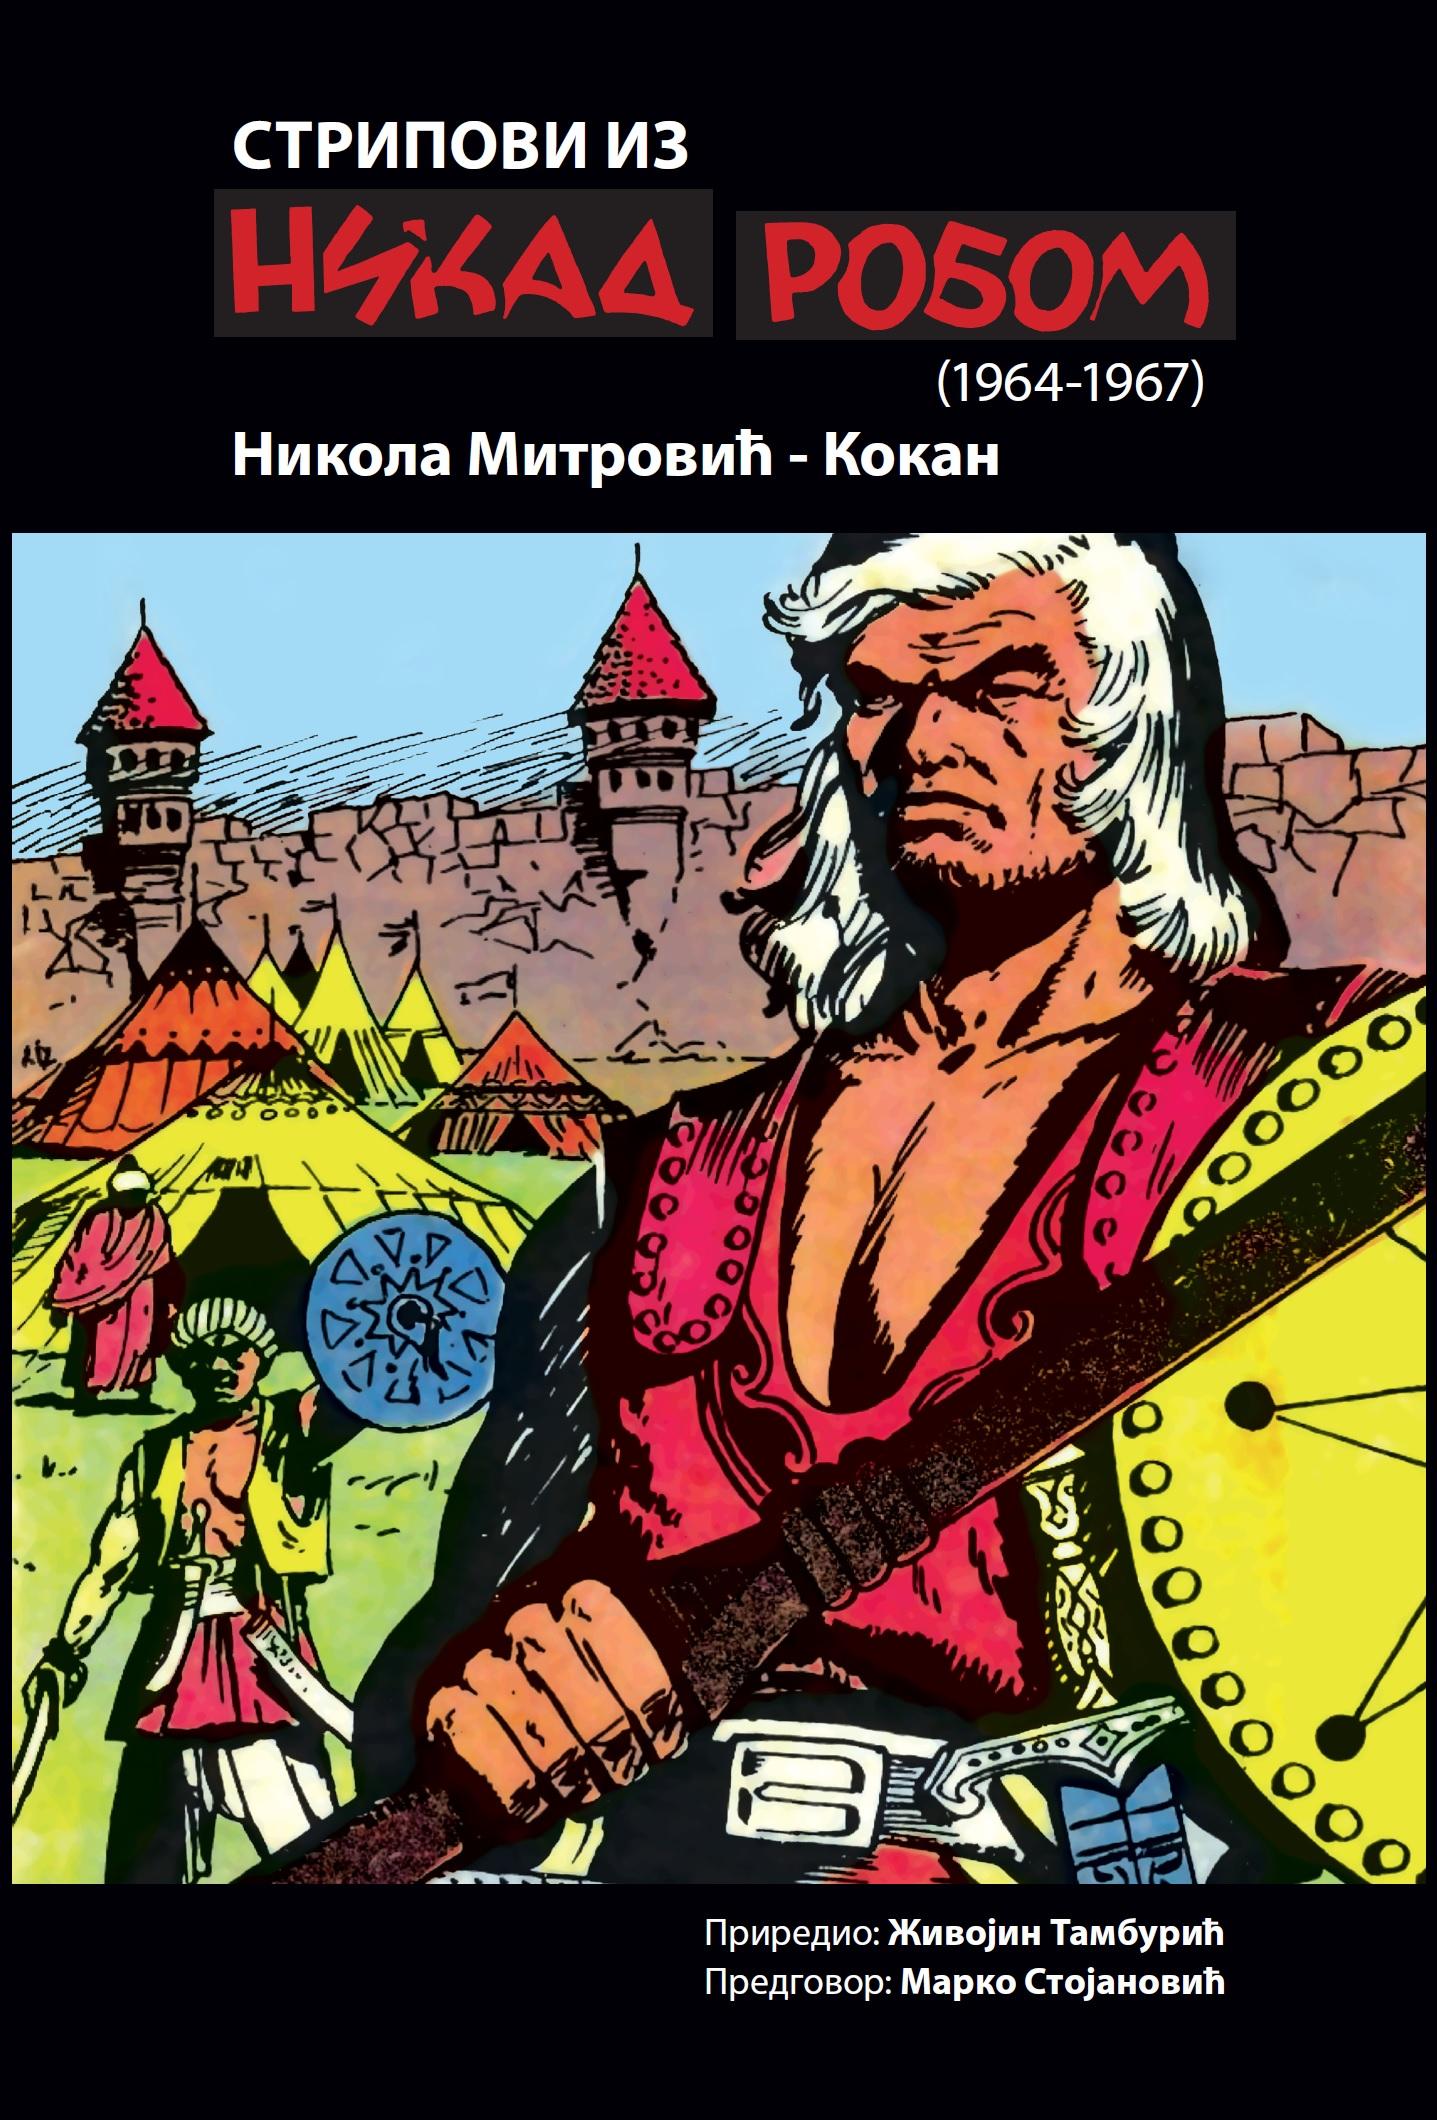 Nikola Mitrović - Kokan: Stripovi iz Nika robom (1964-67)